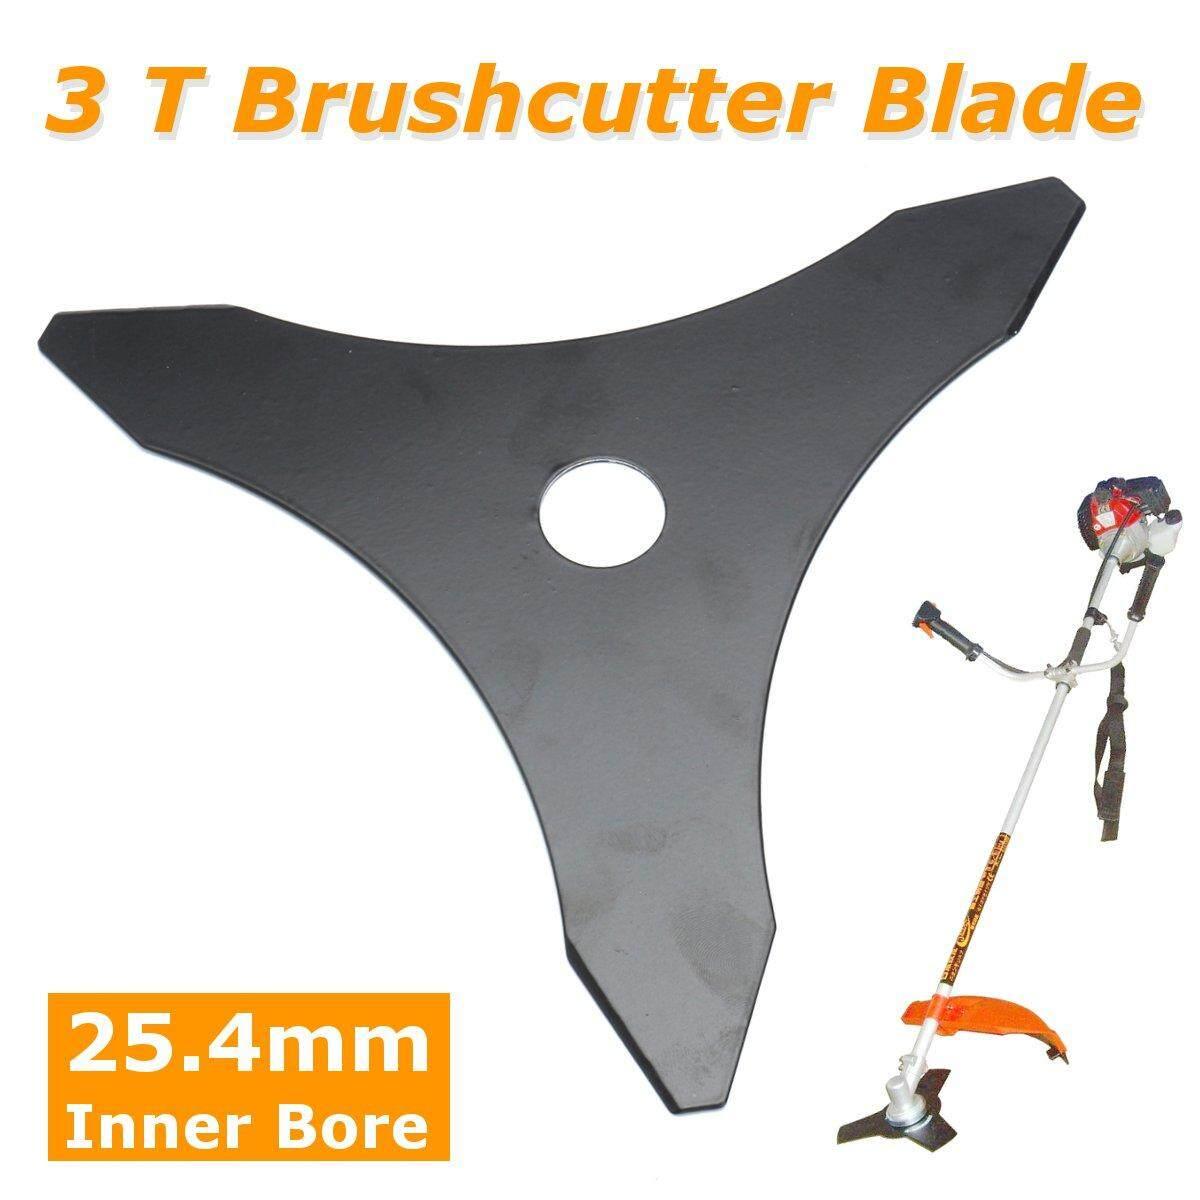 3 Bàn Chải đánh răng Cắt Brushcutter Tông Đơ Cắt Lưỡi Tông Đơ Cắt Strimmer Cỏ 3 T